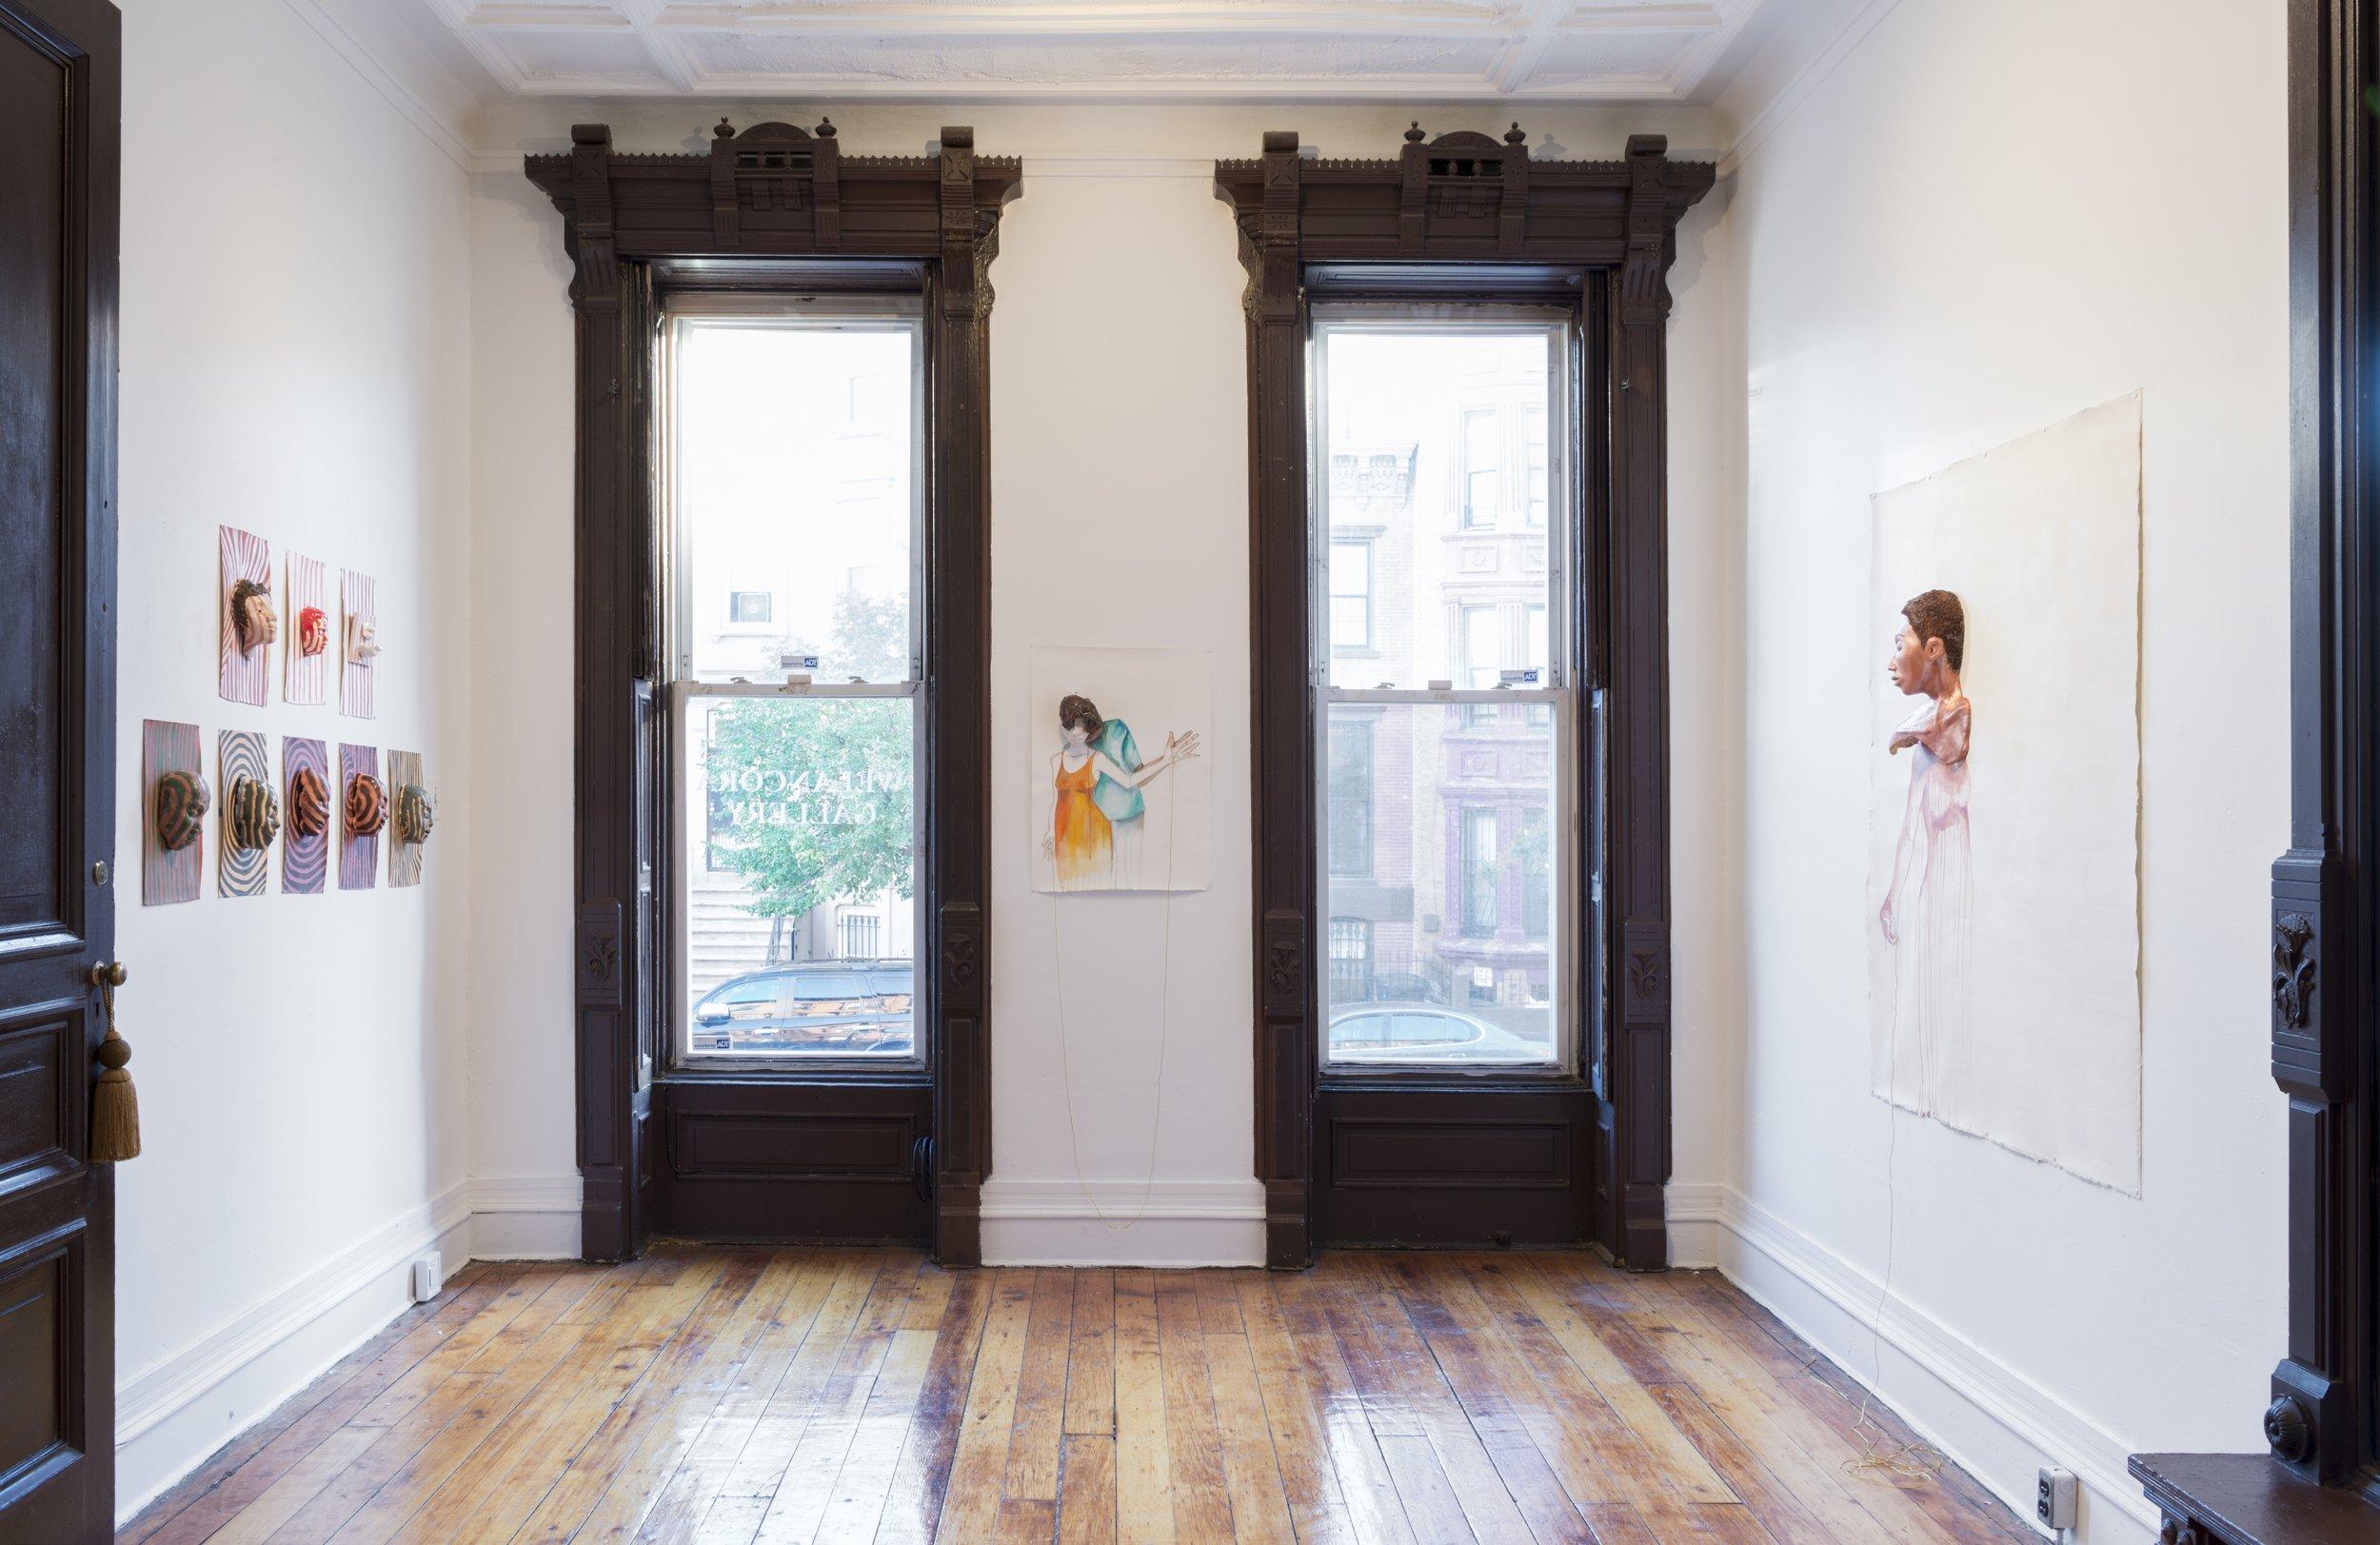 Aisha Bell Installation.jpg